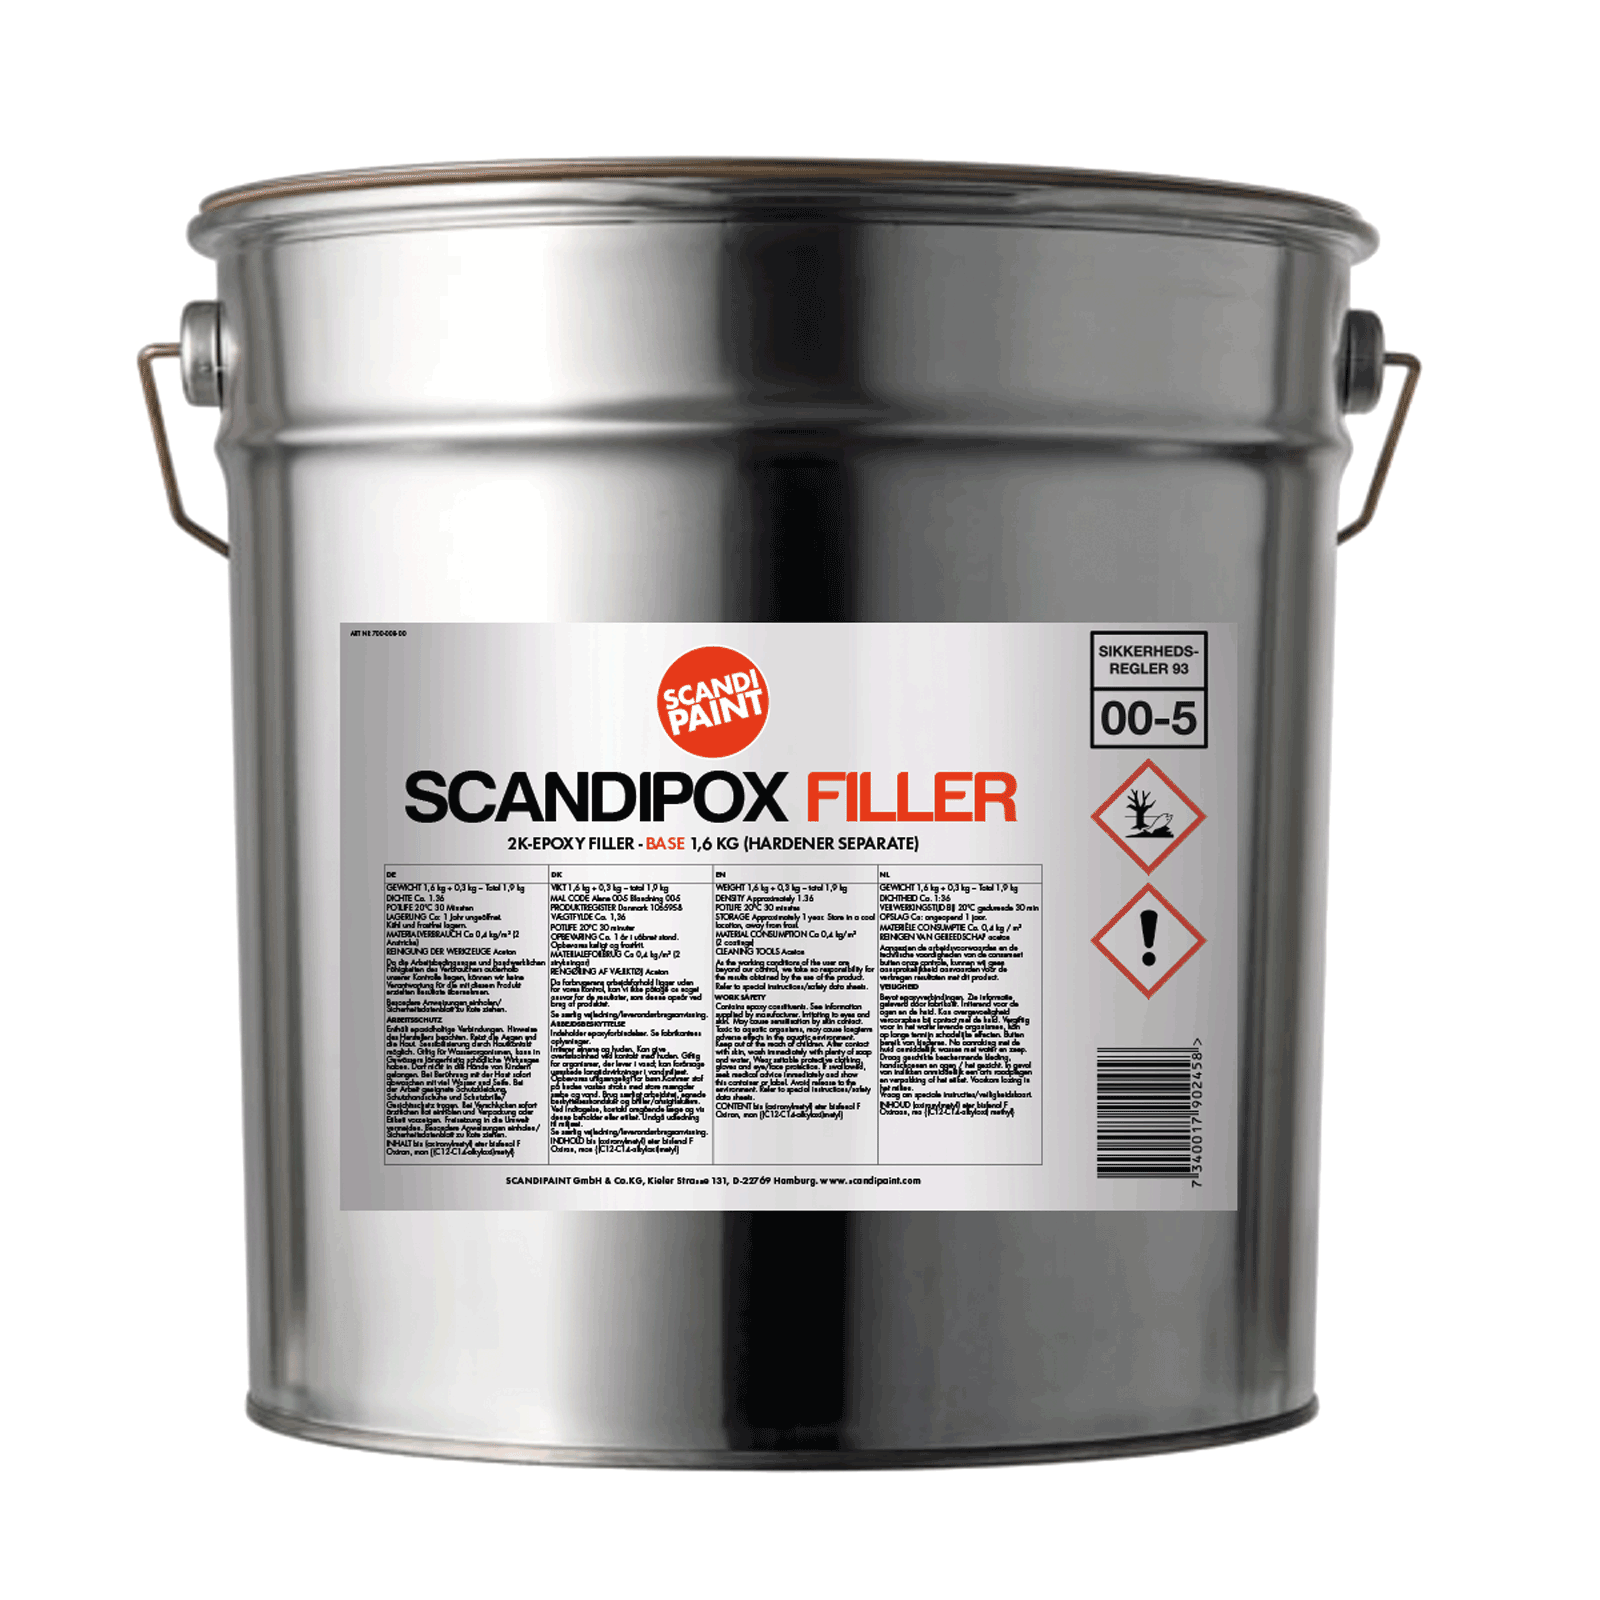 SCANDIPOX_FILLER